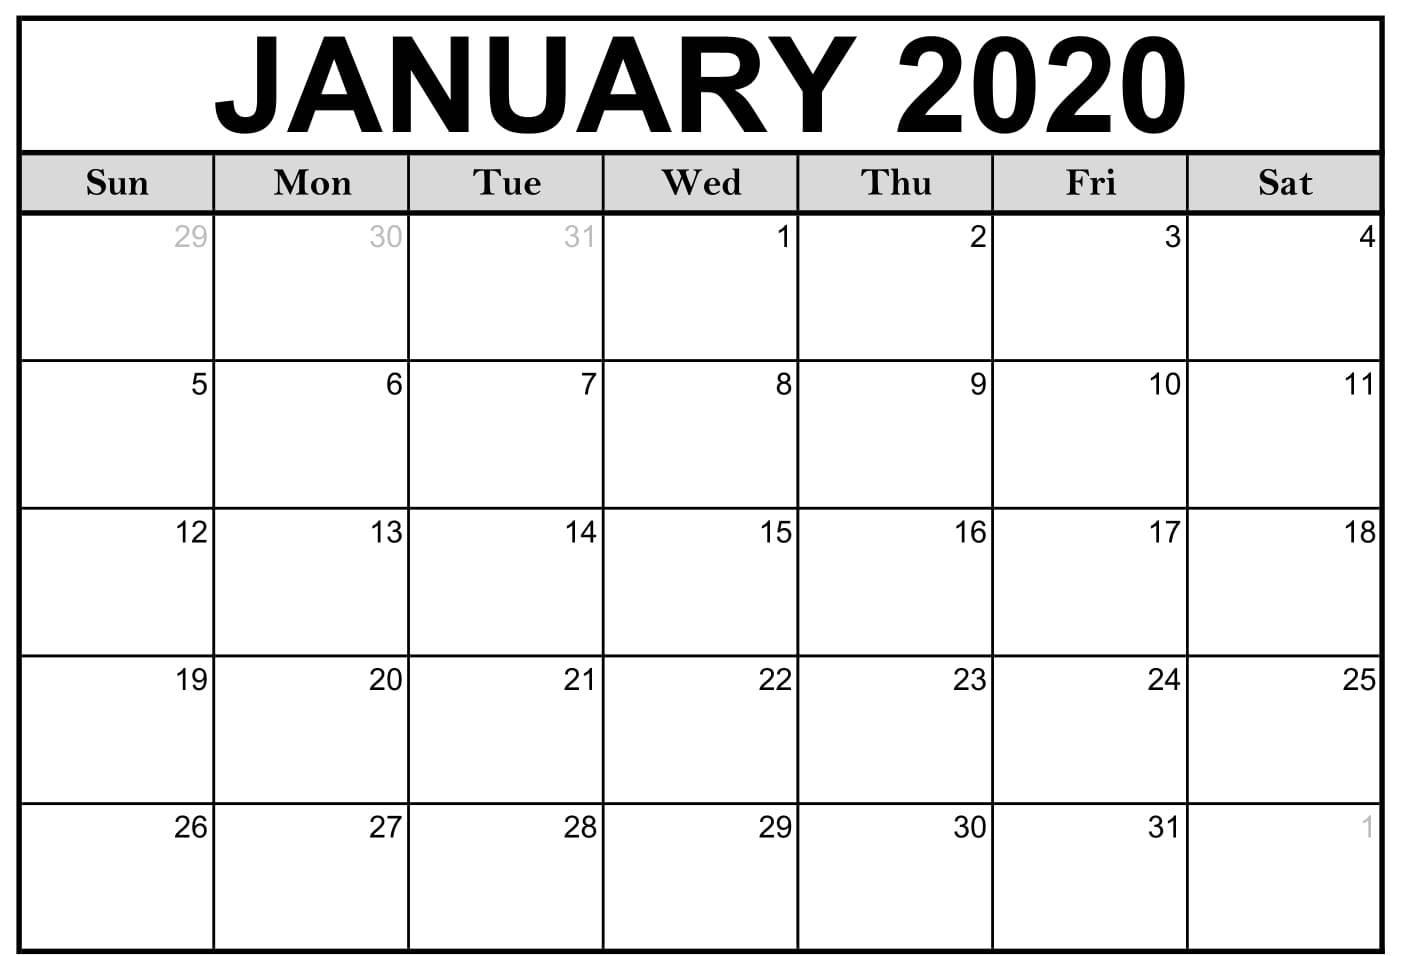 2020 Blank Calendar for January